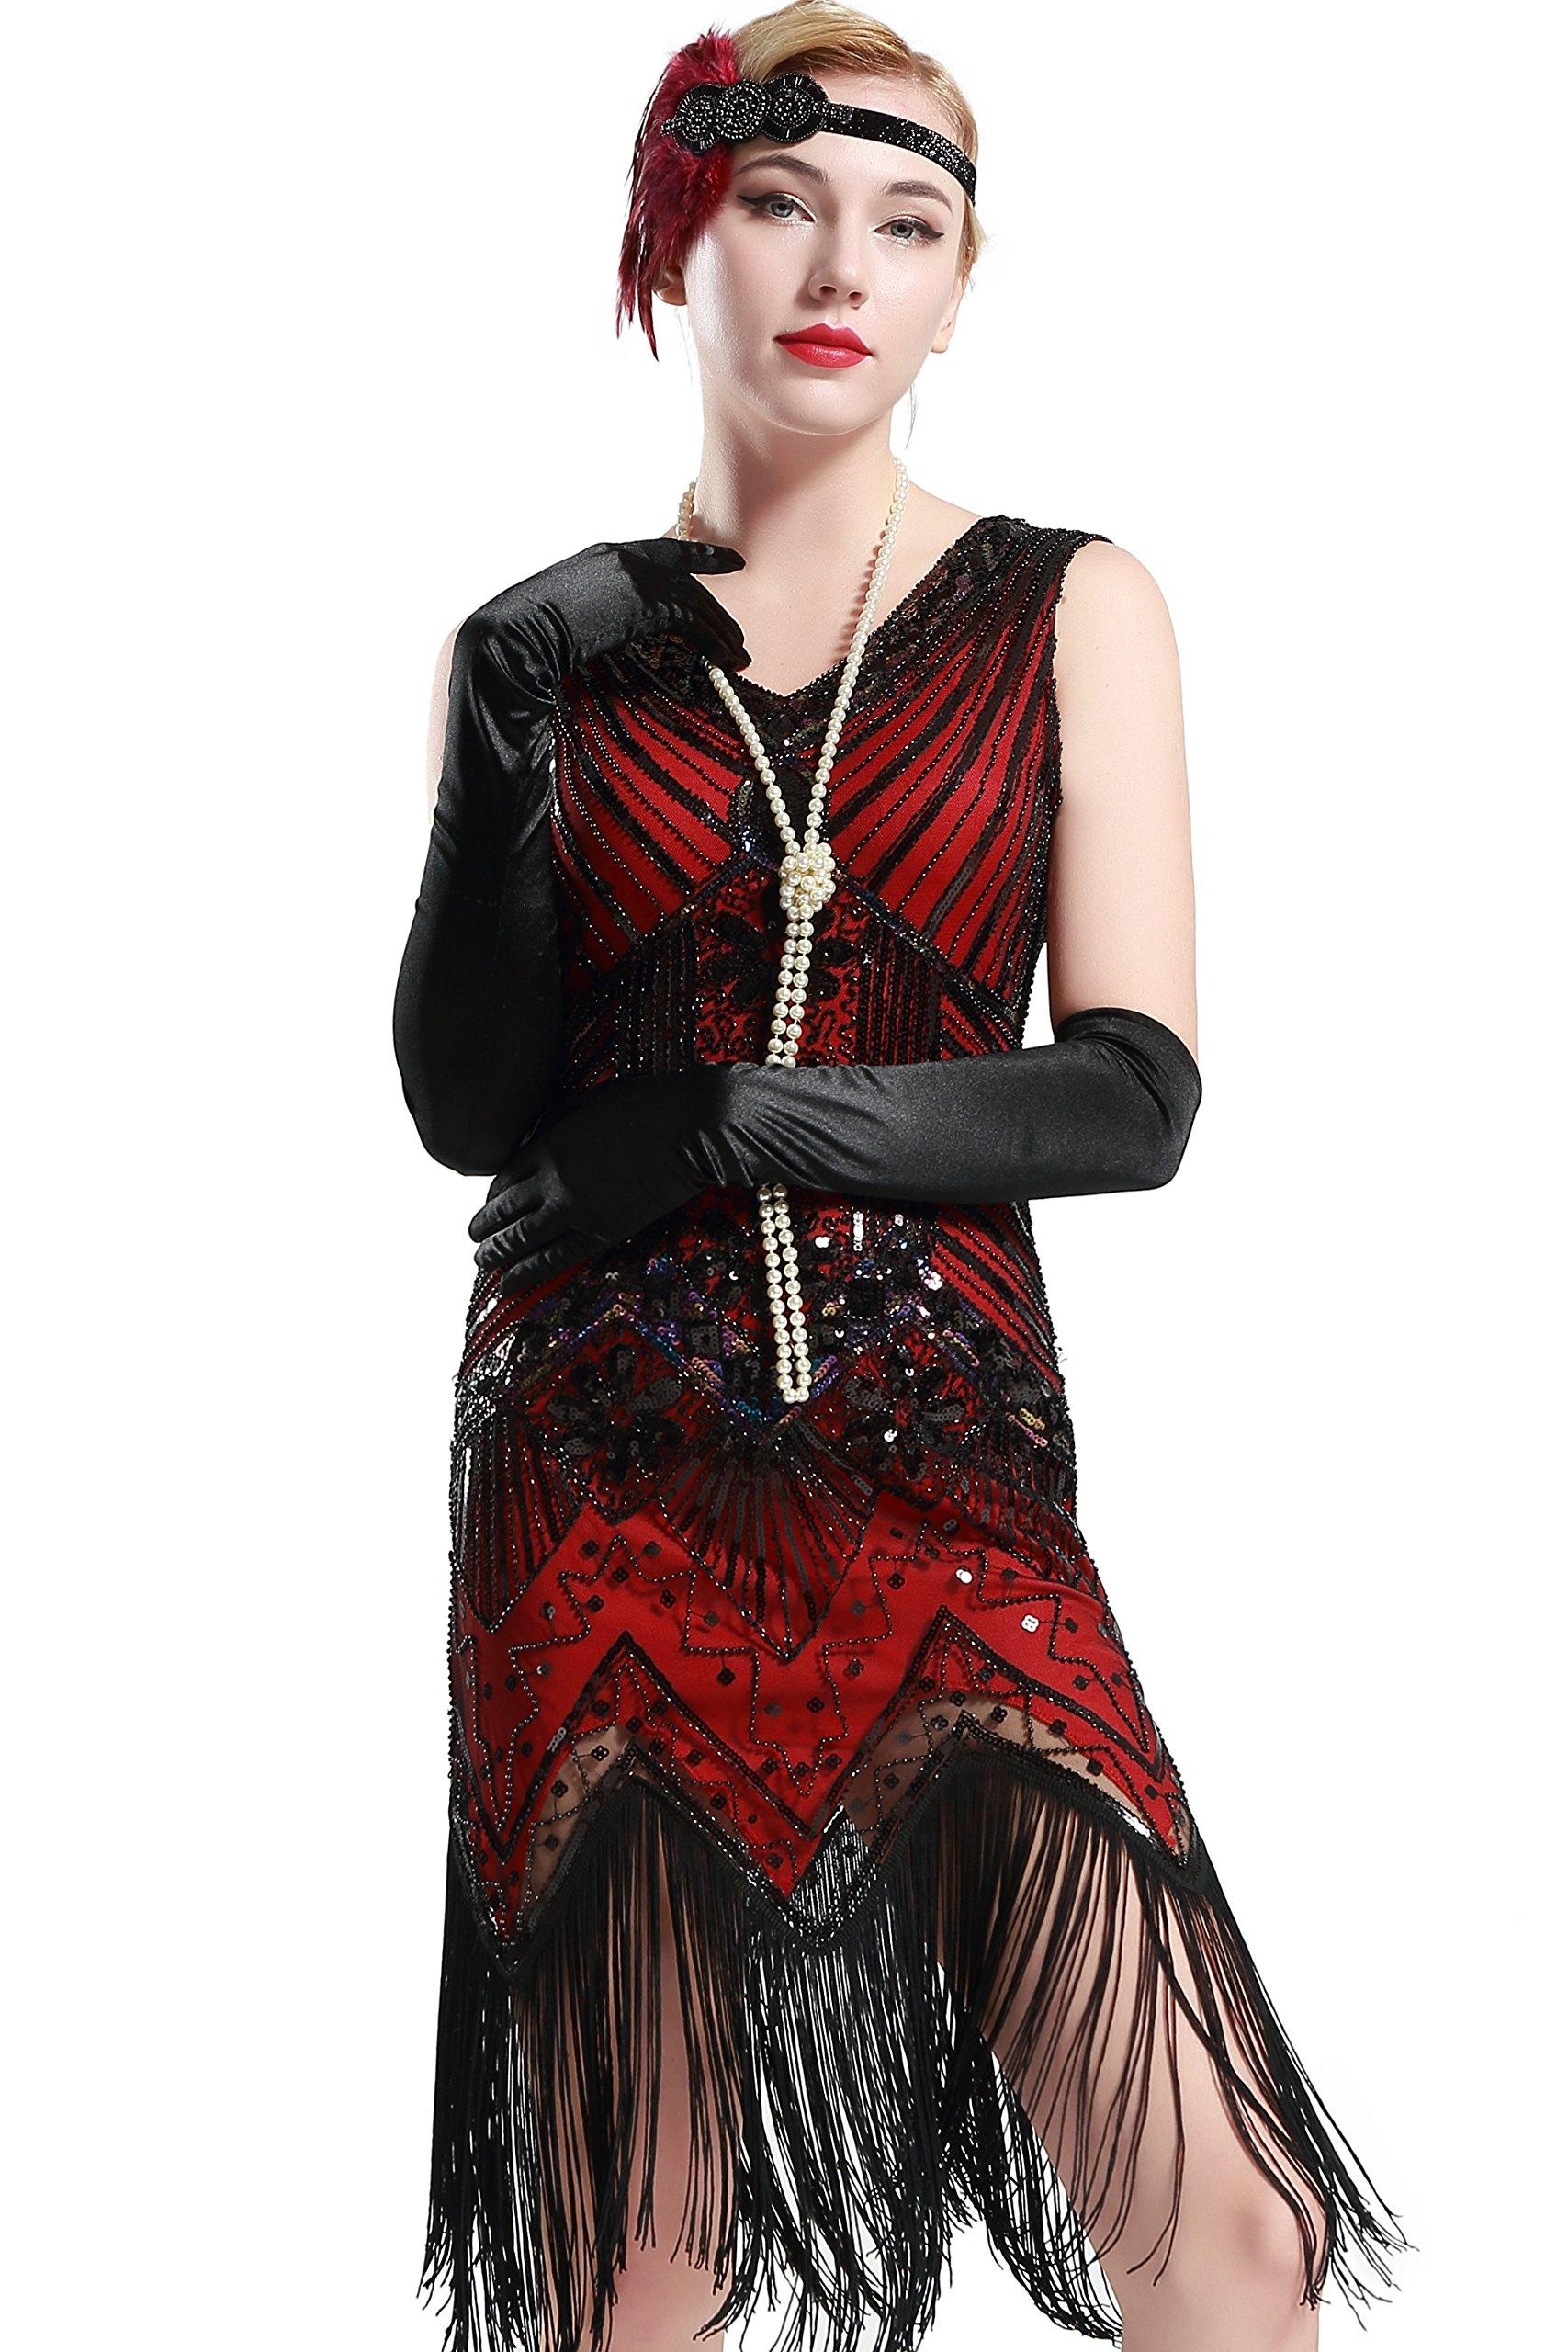 219b0ad2f68 Top Robes de cocktail femme selon les notes Amazon.fr